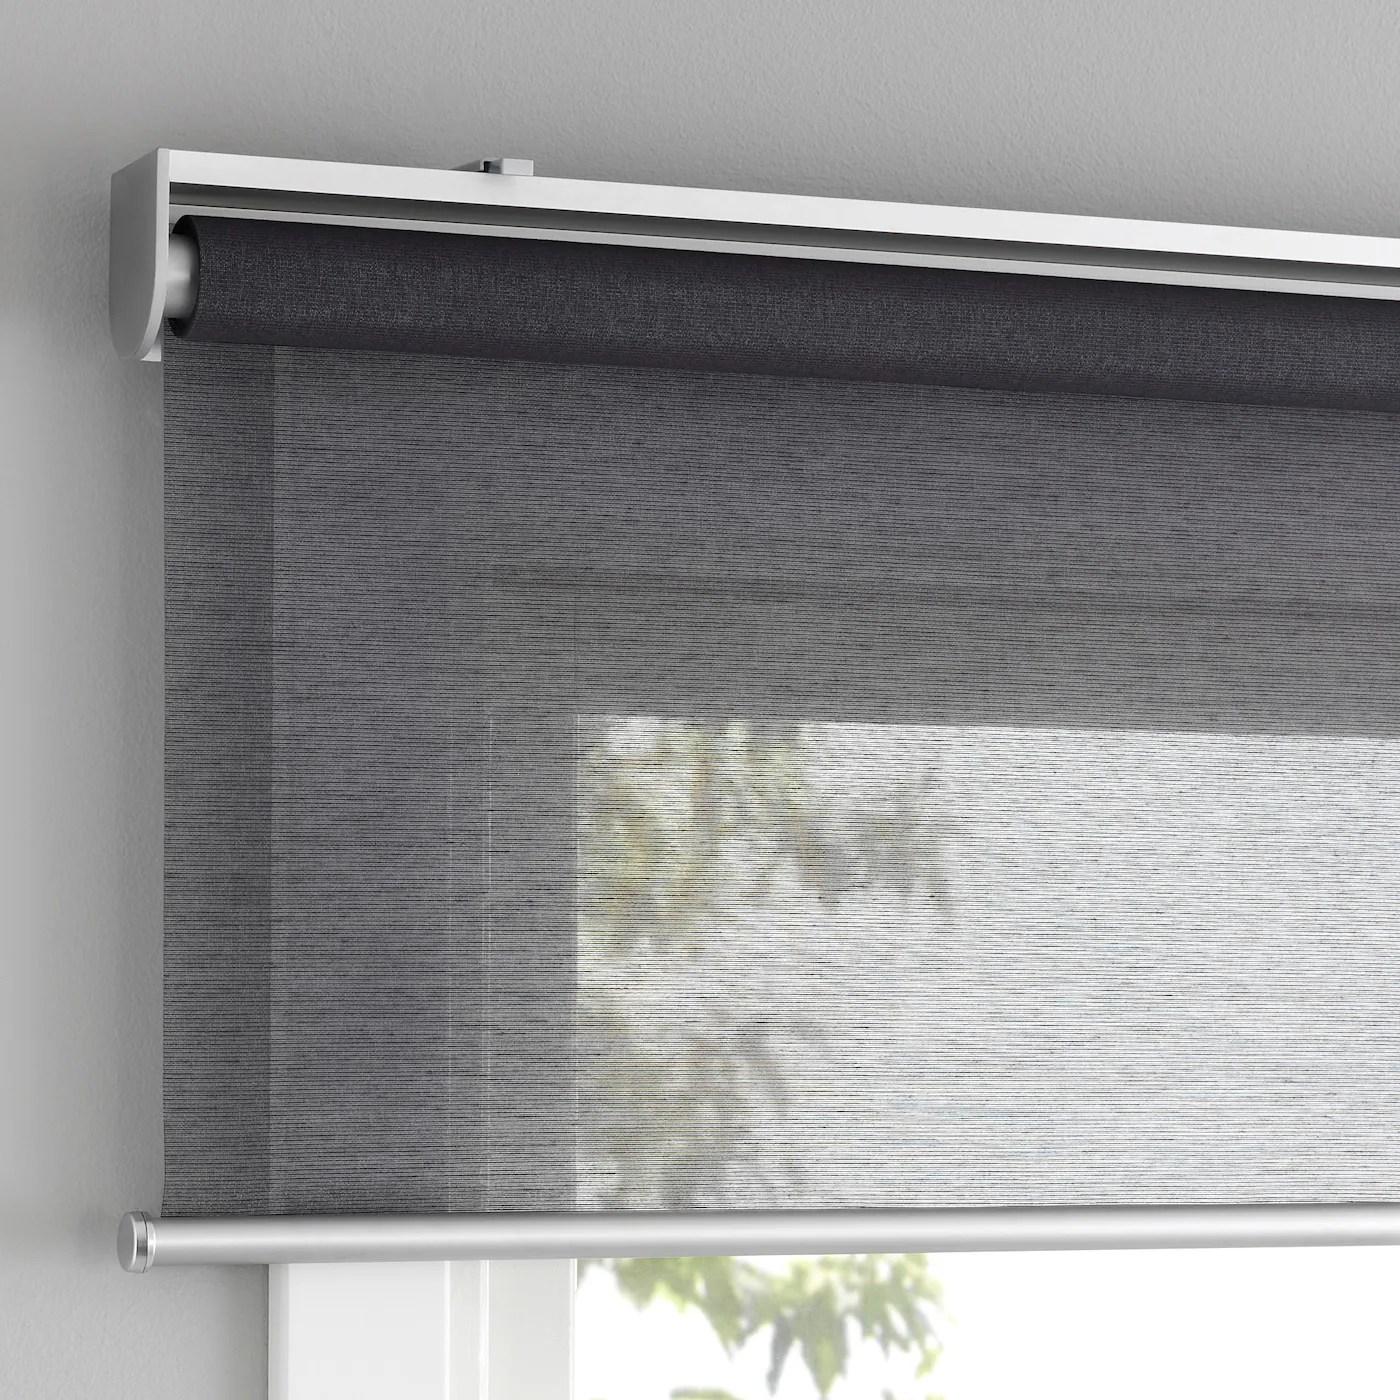 L'installazione delle tende sulla finestra è semplice. Skogsklover Tenda A Rullo Grigio 140x195 Cm Ikea Svizzera